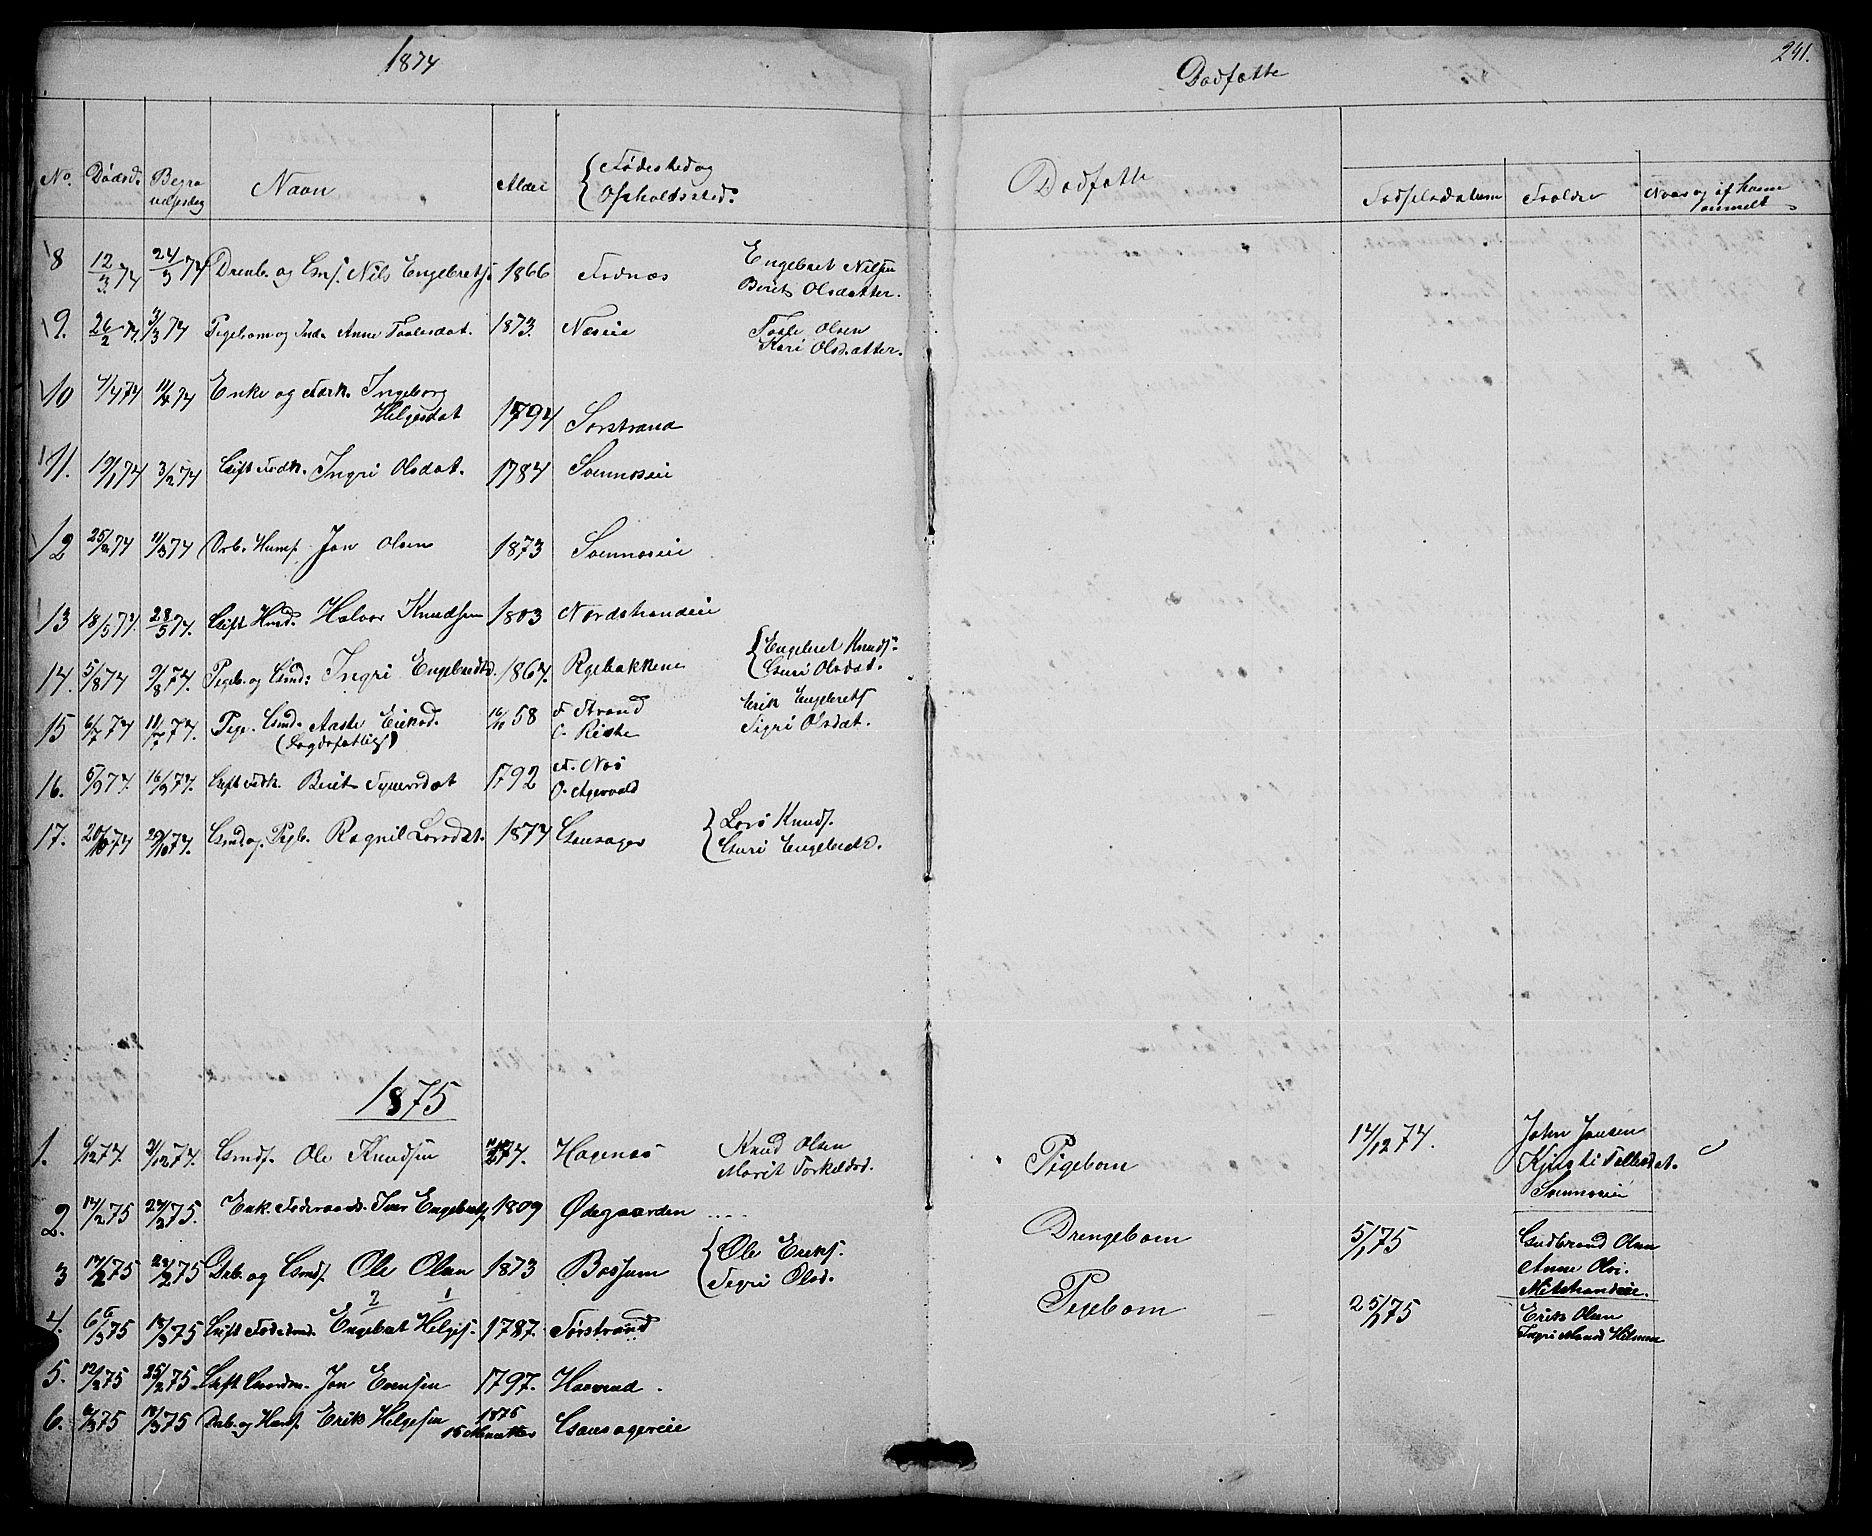 SAH, Nord-Aurdal prestekontor, Klokkerbok nr. 3, 1842-1882, s. 241